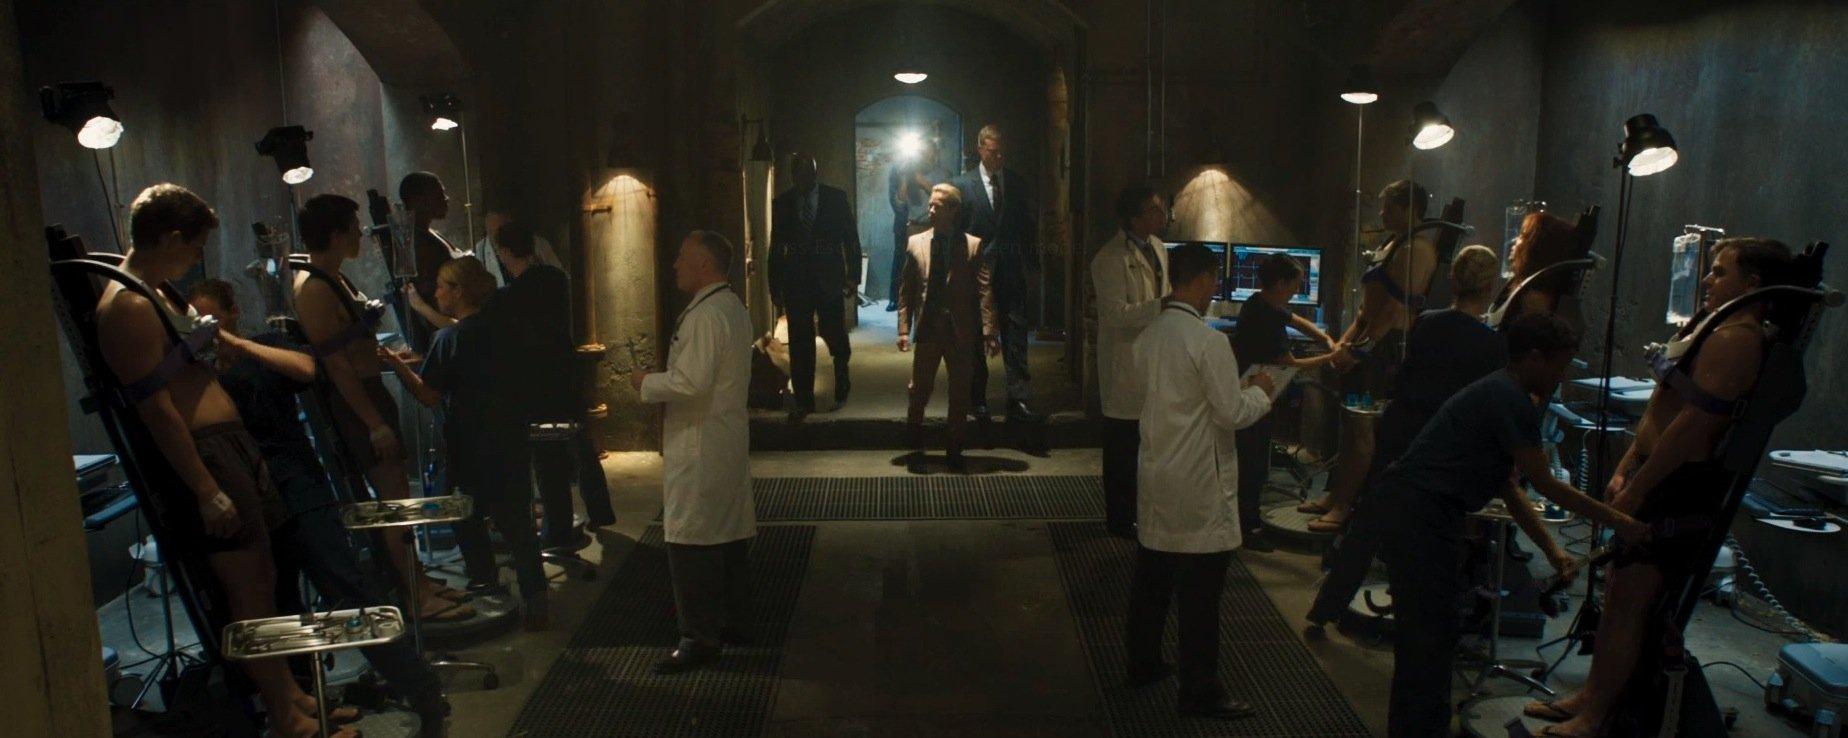 Extremis Iron Man 3 Extremis   Marvel Cine...